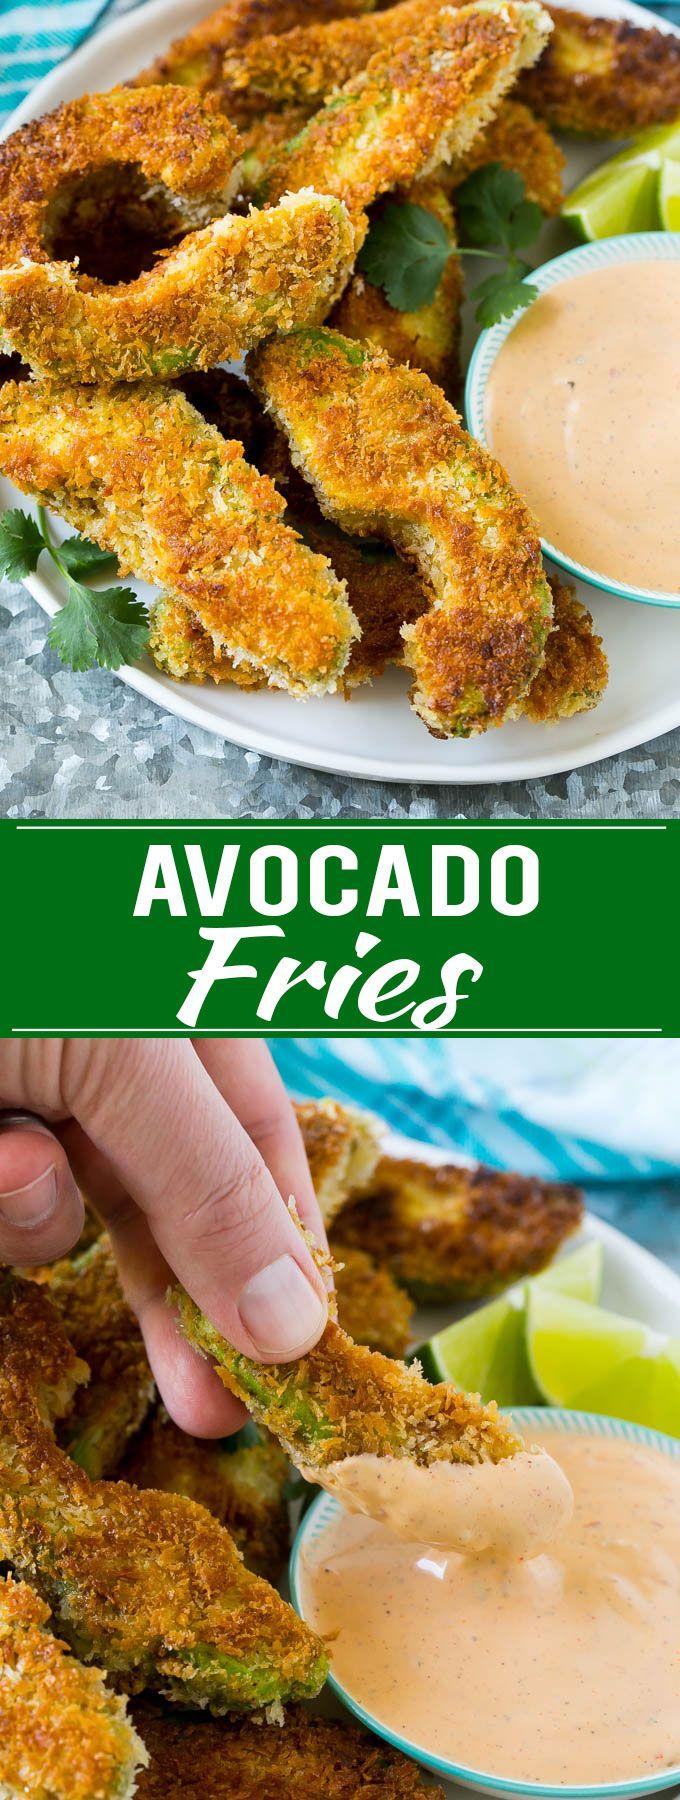 Avocado Fries Recipe | Fried Avocado | Avocado Fritters